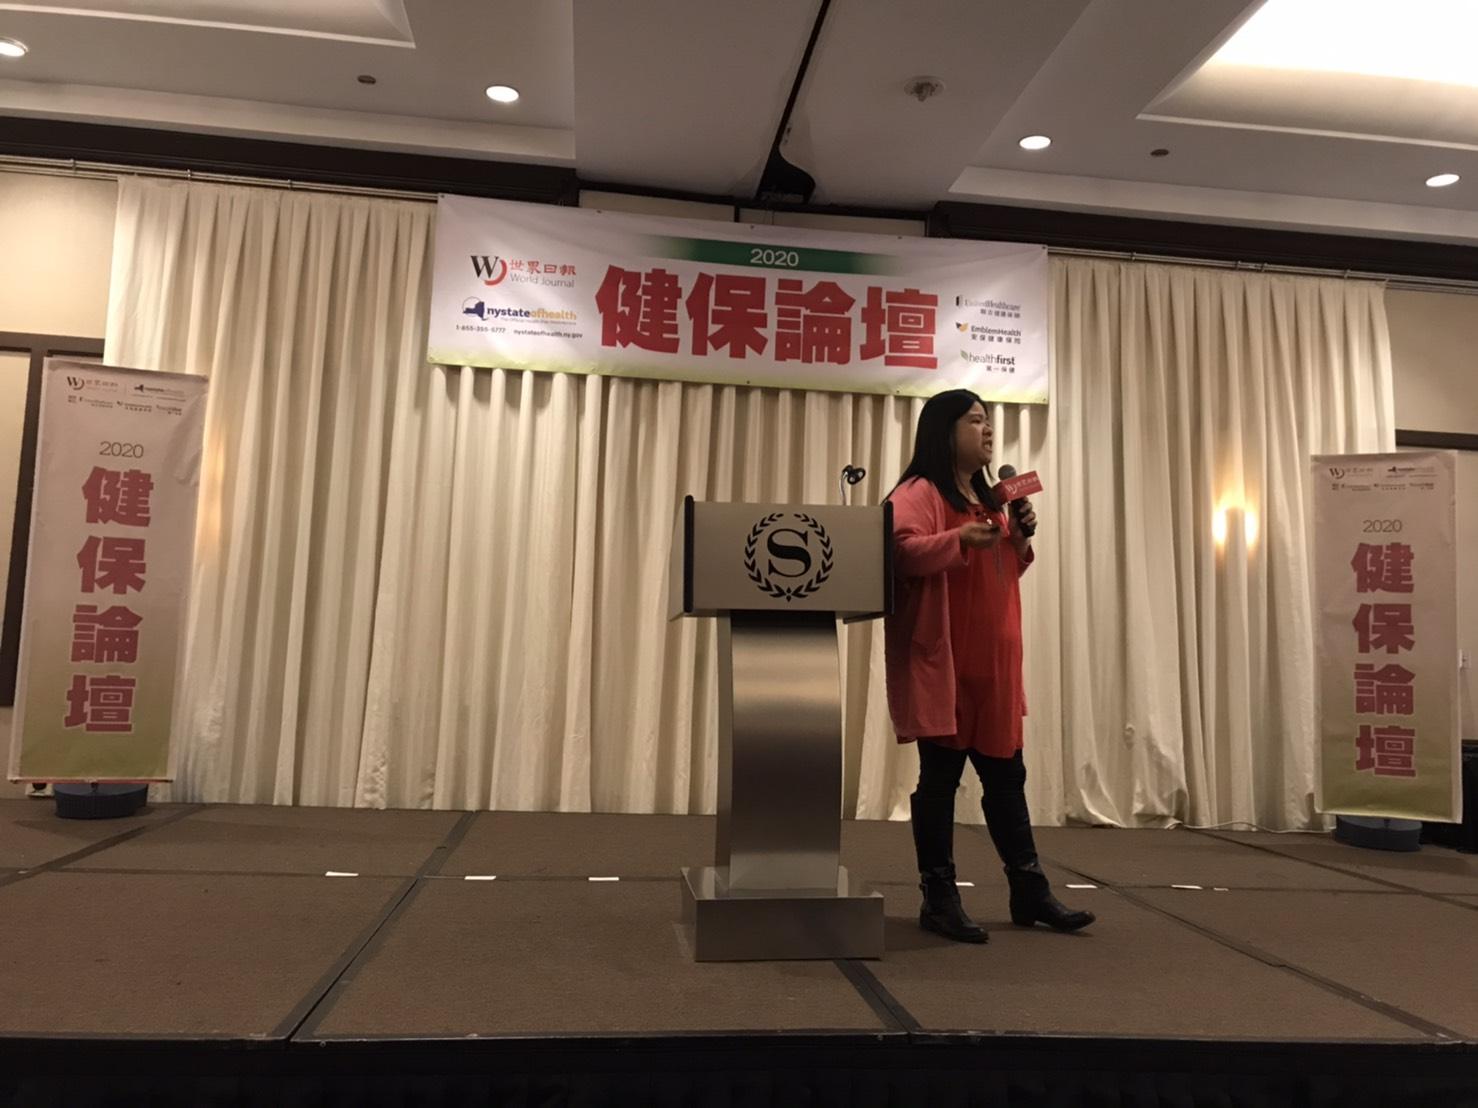 紐約市長移民辦公室專員李麗(Lydia Li)講解公共負擔。(記者何卓賢/攝影)